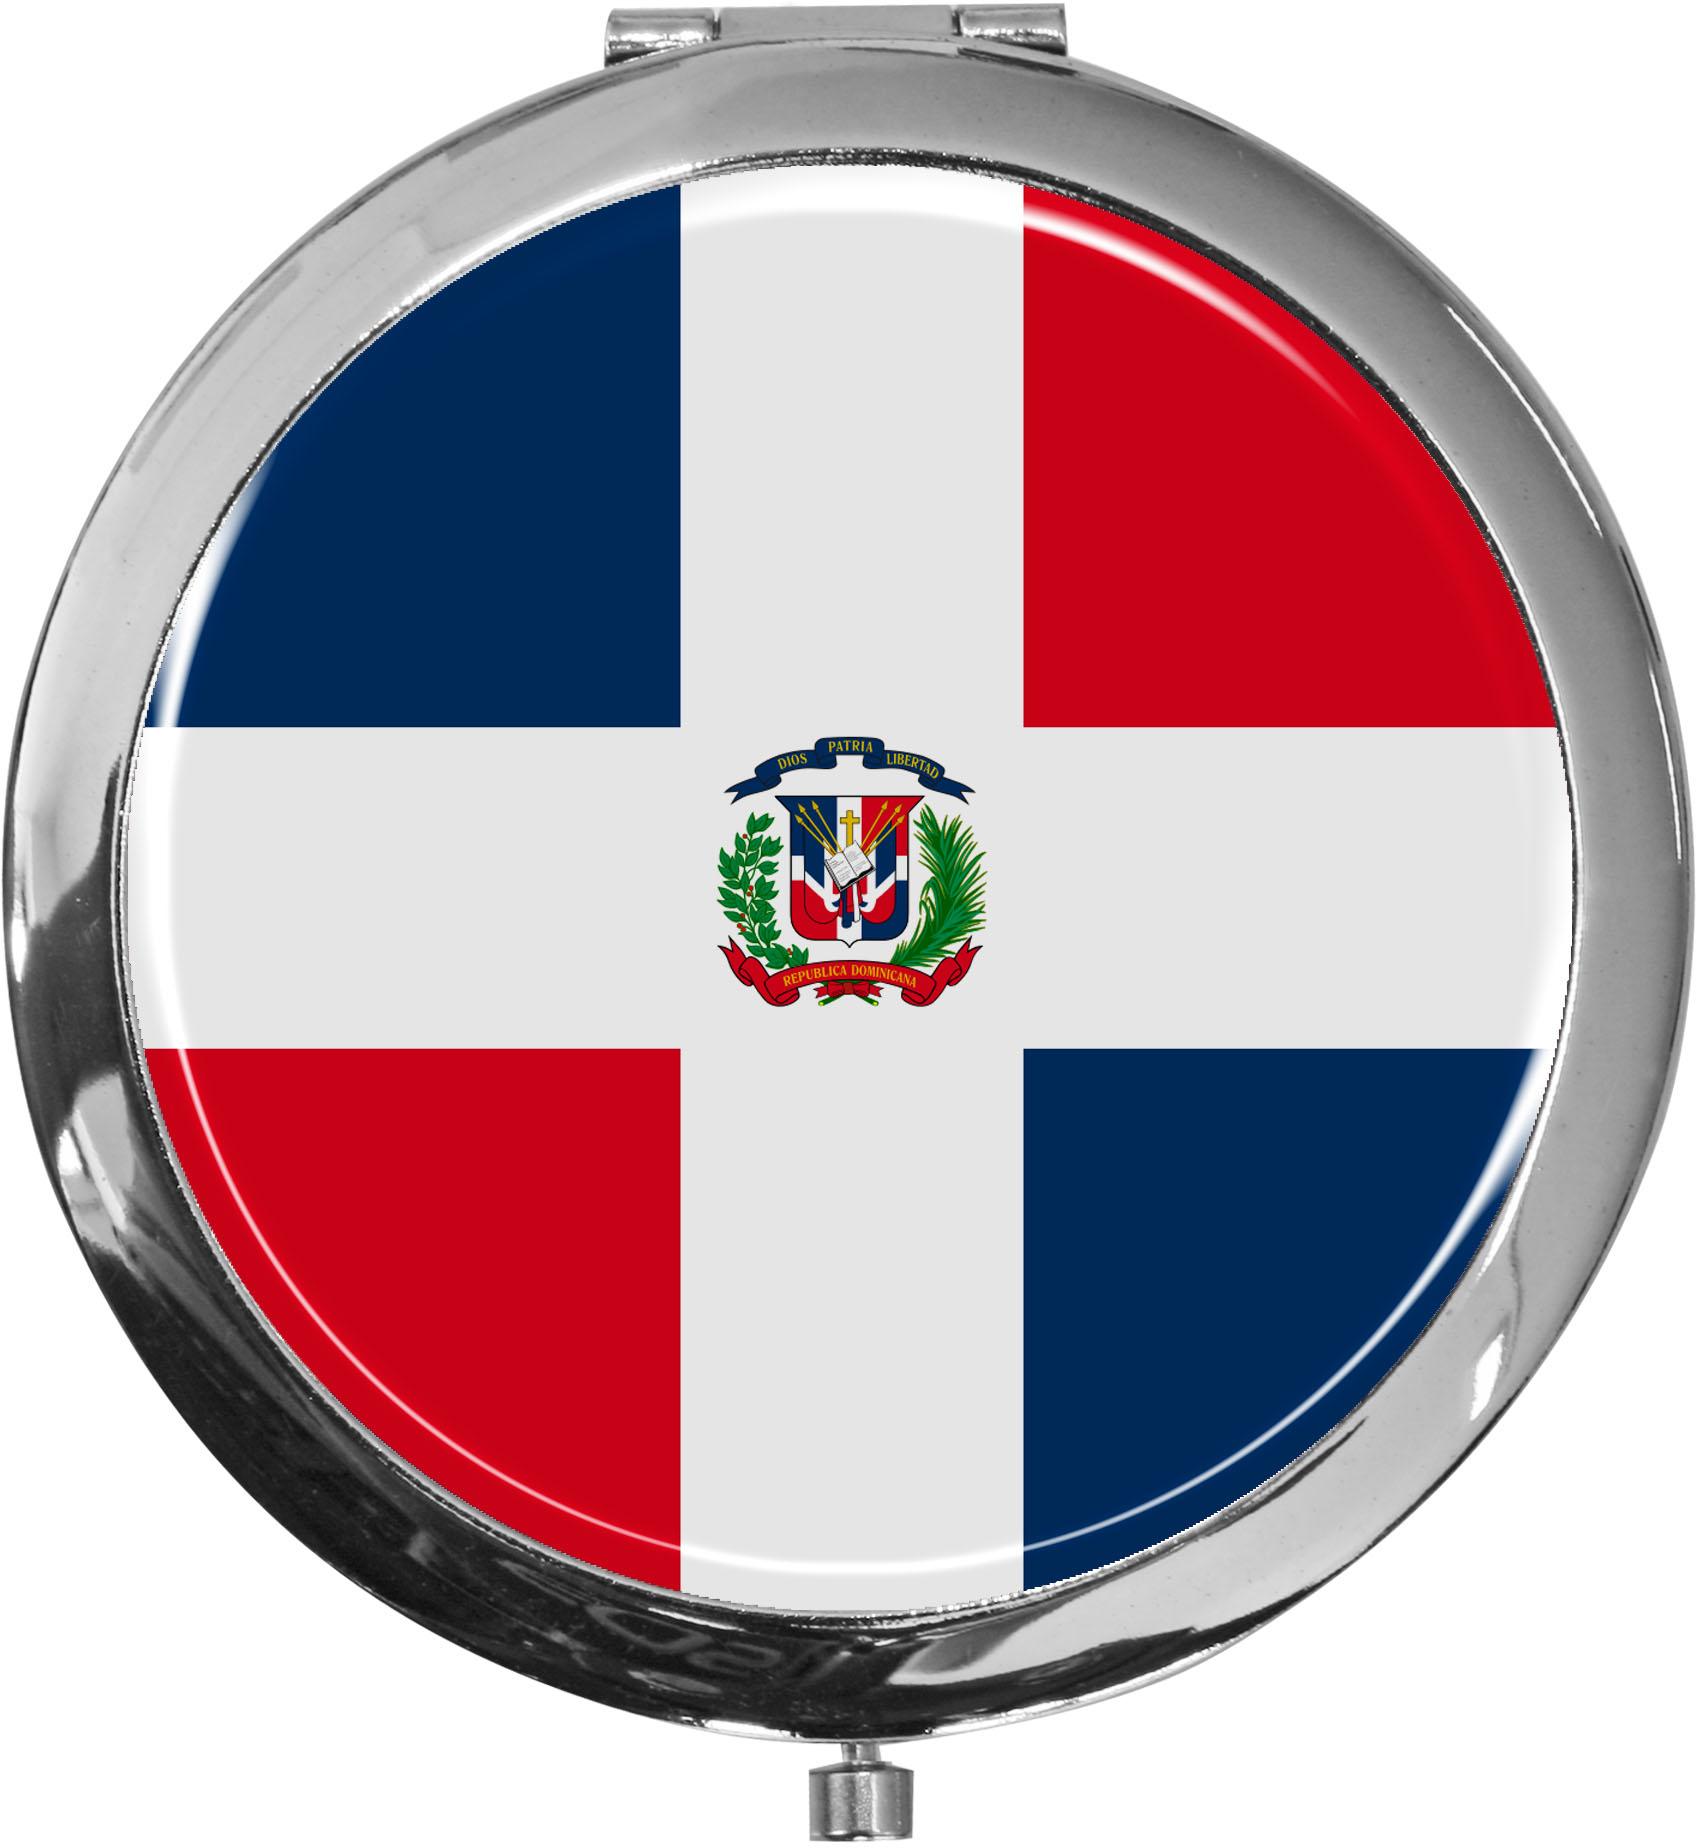 Taschenspiegel / Spiegel / Flagge Dominikanische Republik / 2 fache Vergrößerung